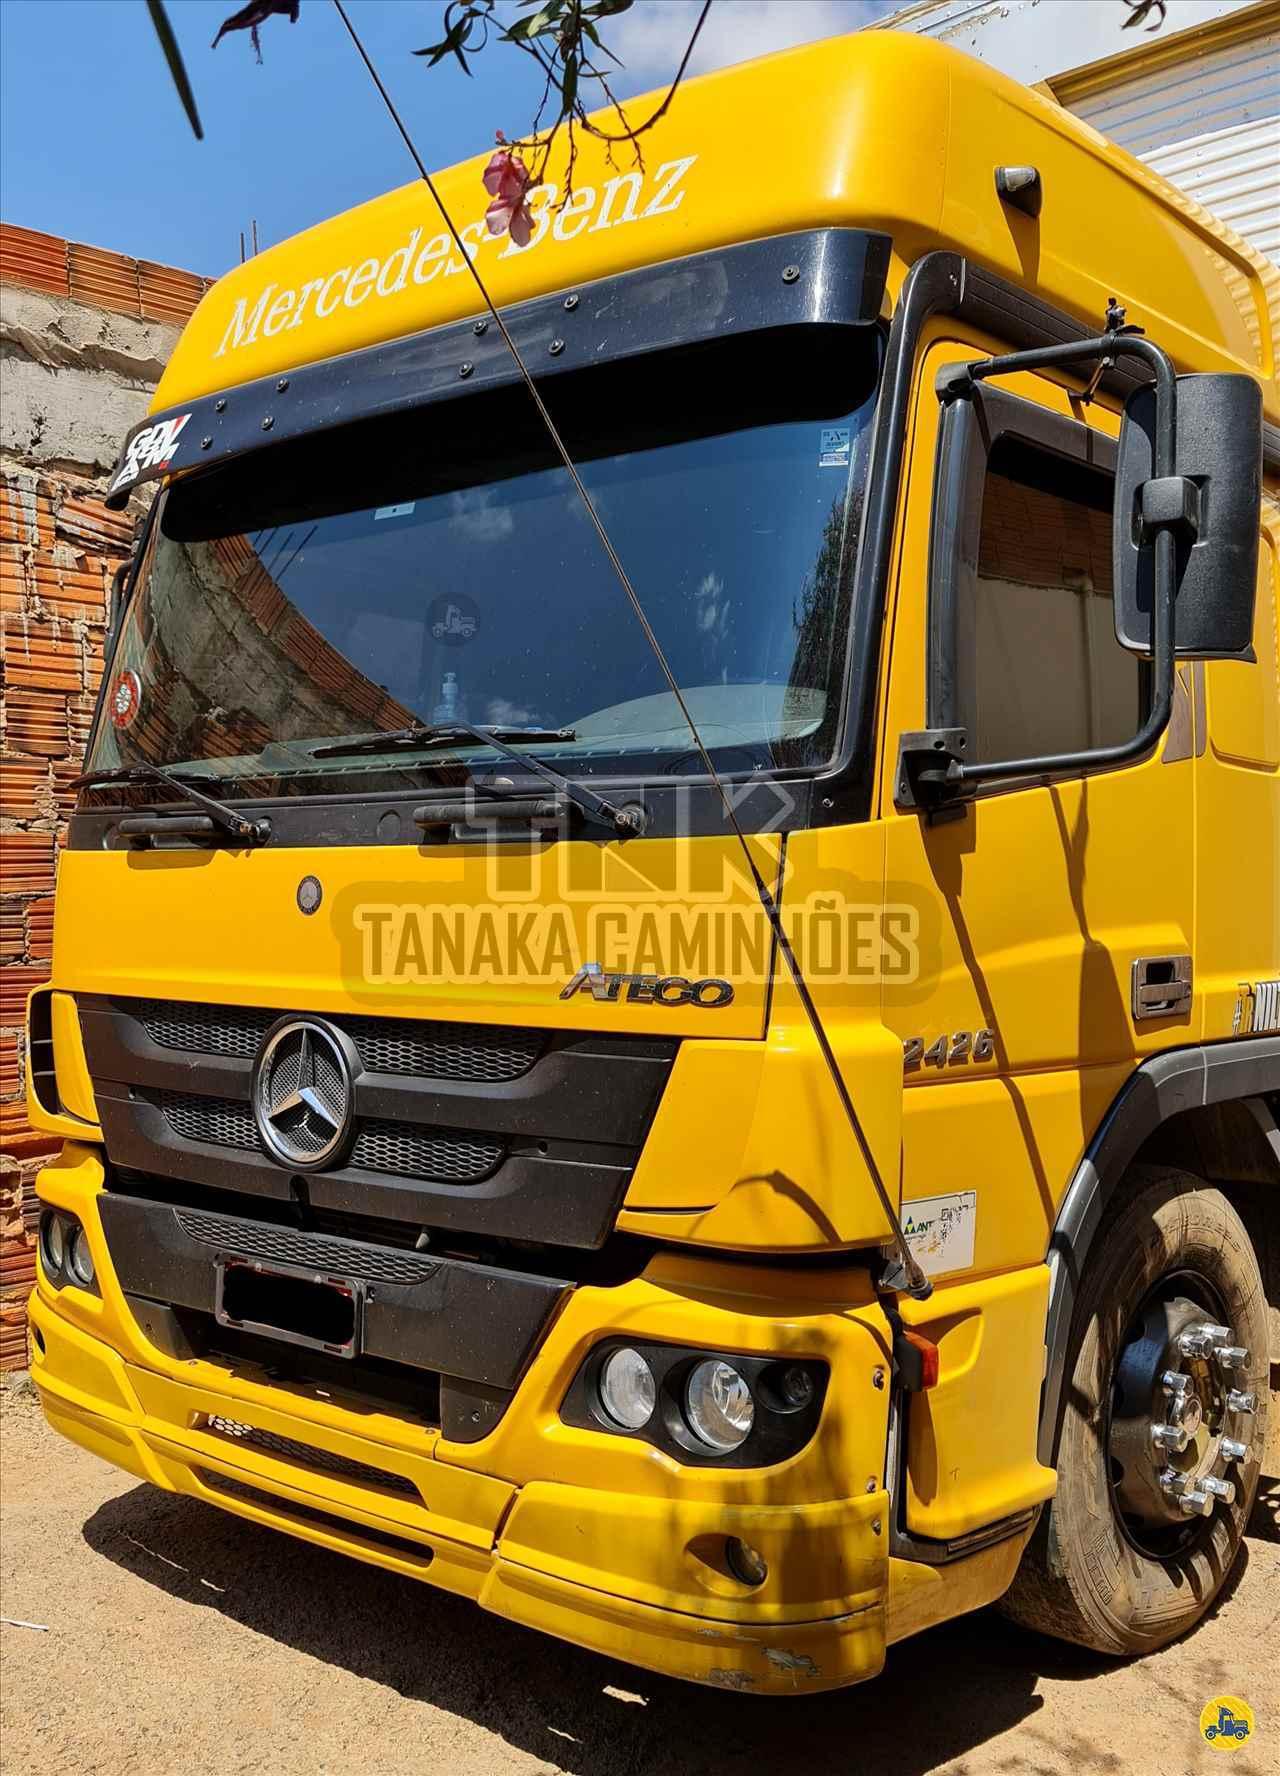 MB 2426 de Tanaka Caminhões - MONTES CLAROS/MG